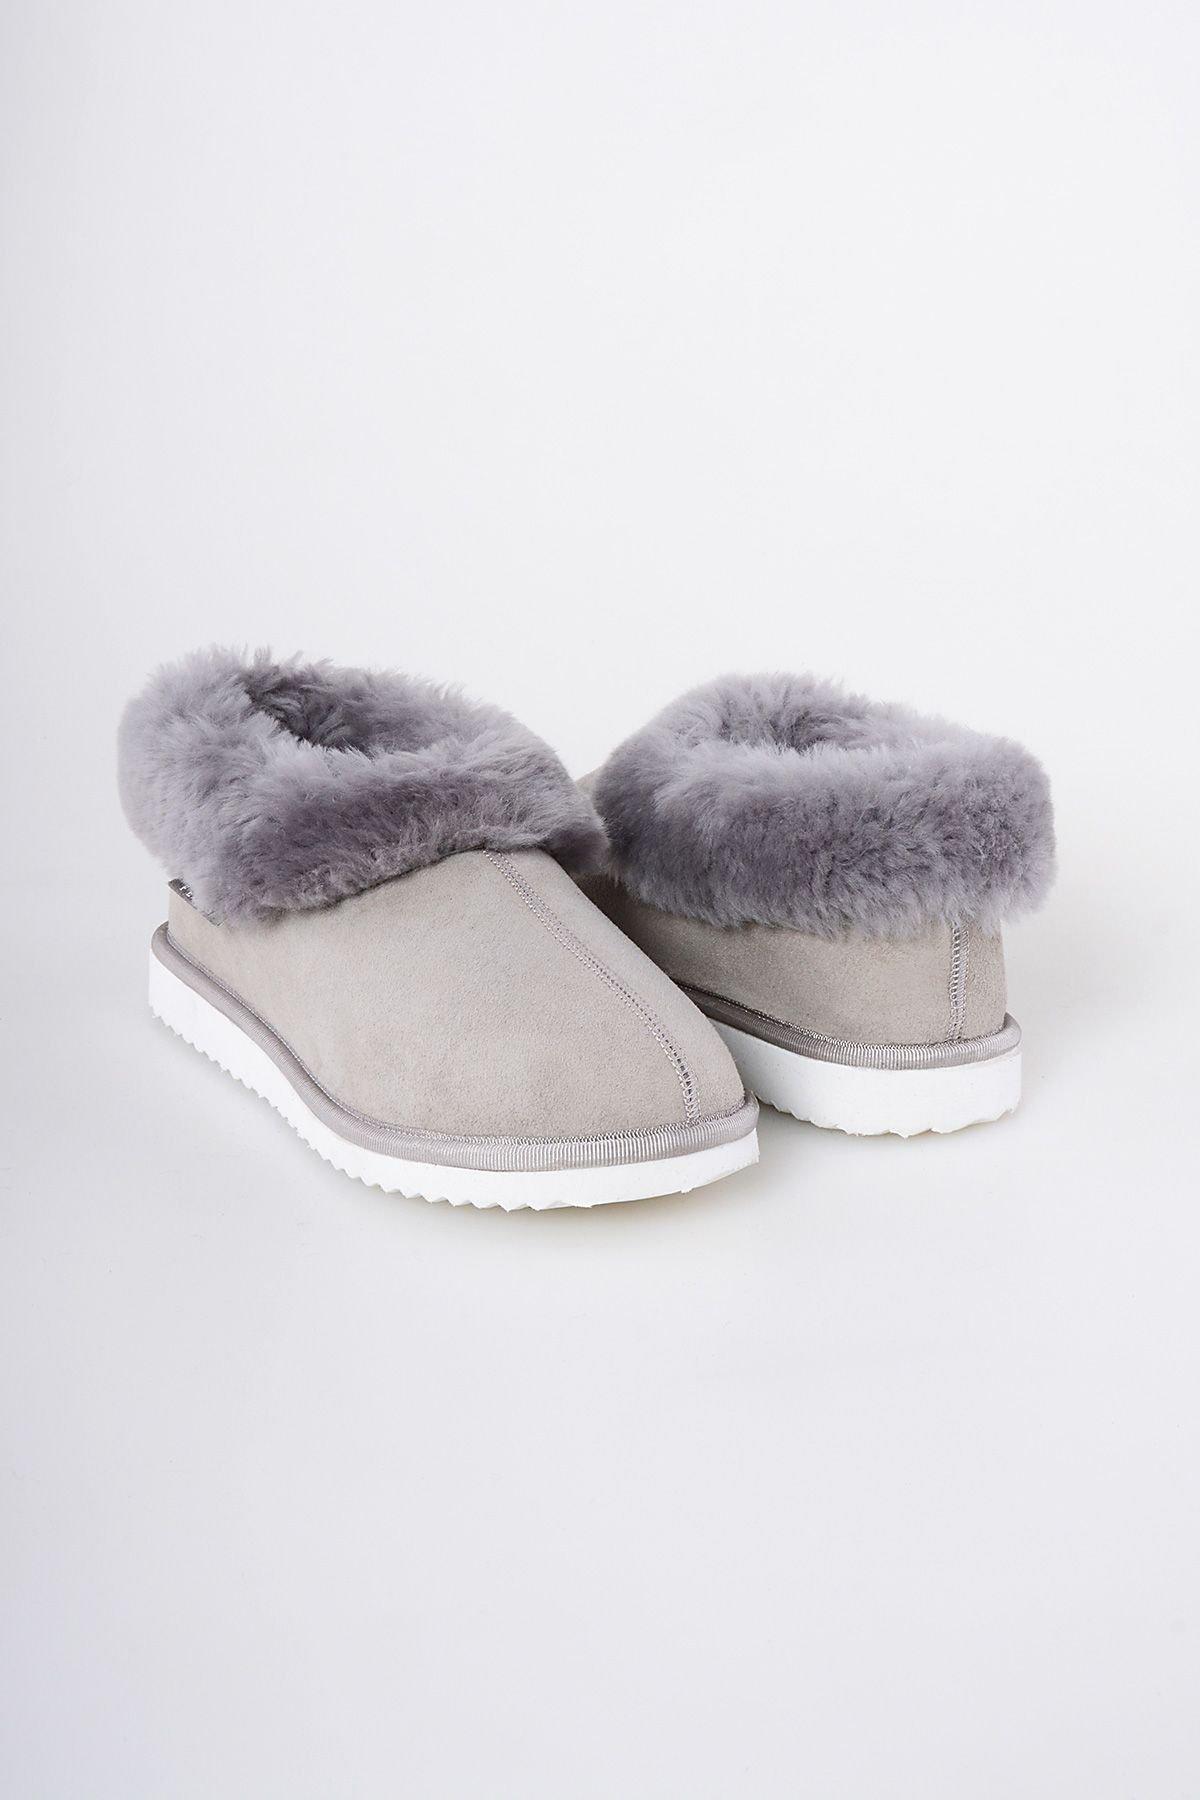 Pegia Genuine Suede & Shealing Women's House Shoes 191100 Gray